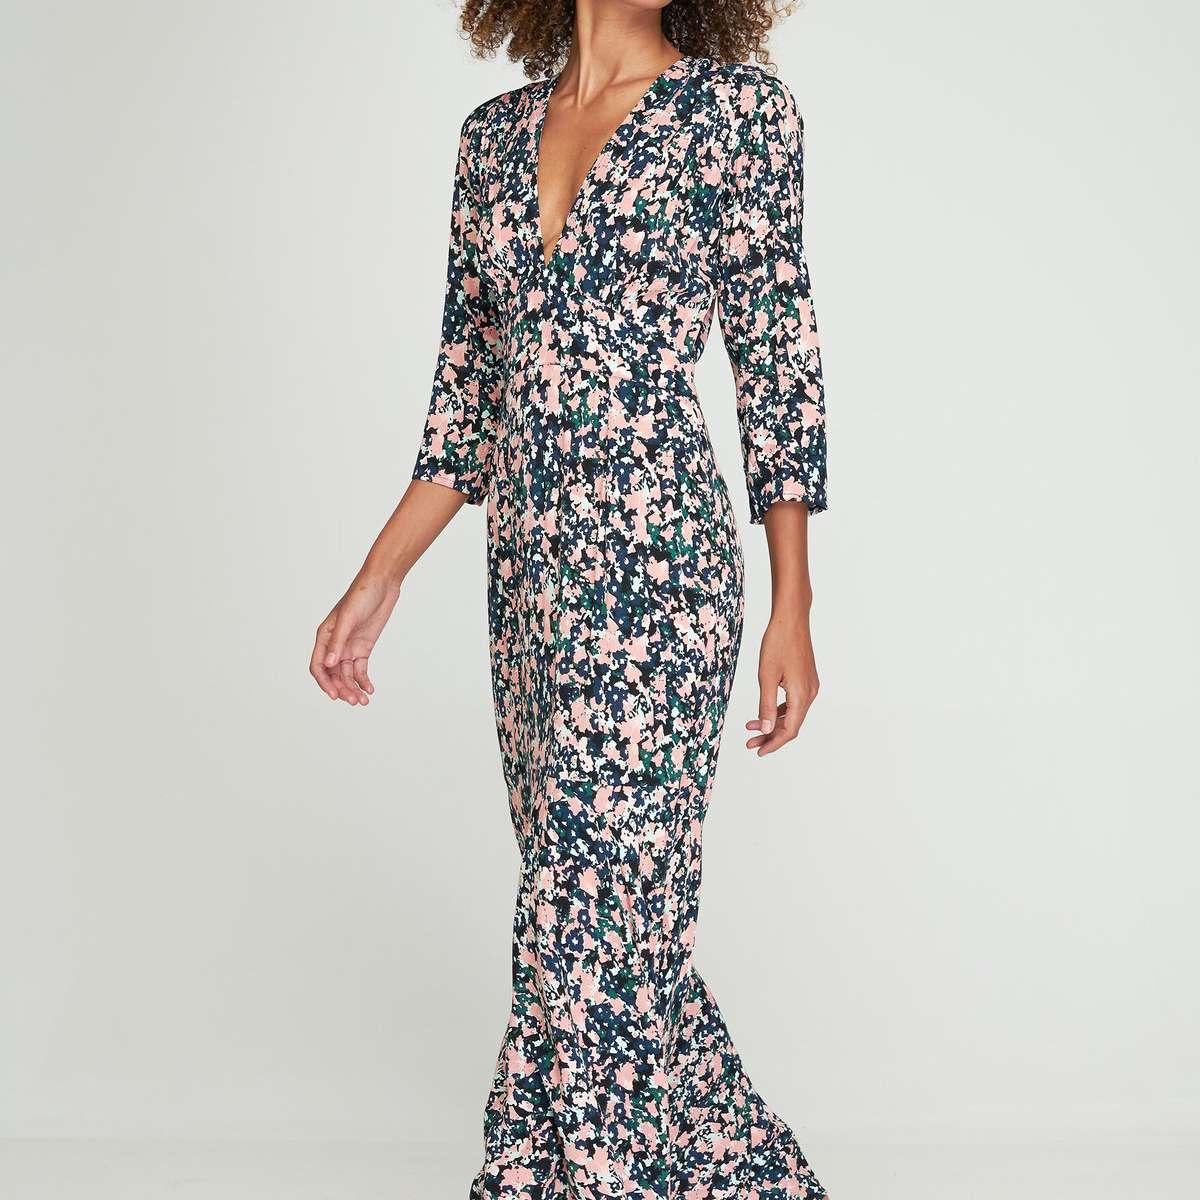 Rue Stiic Aria Maxi Dress, $189